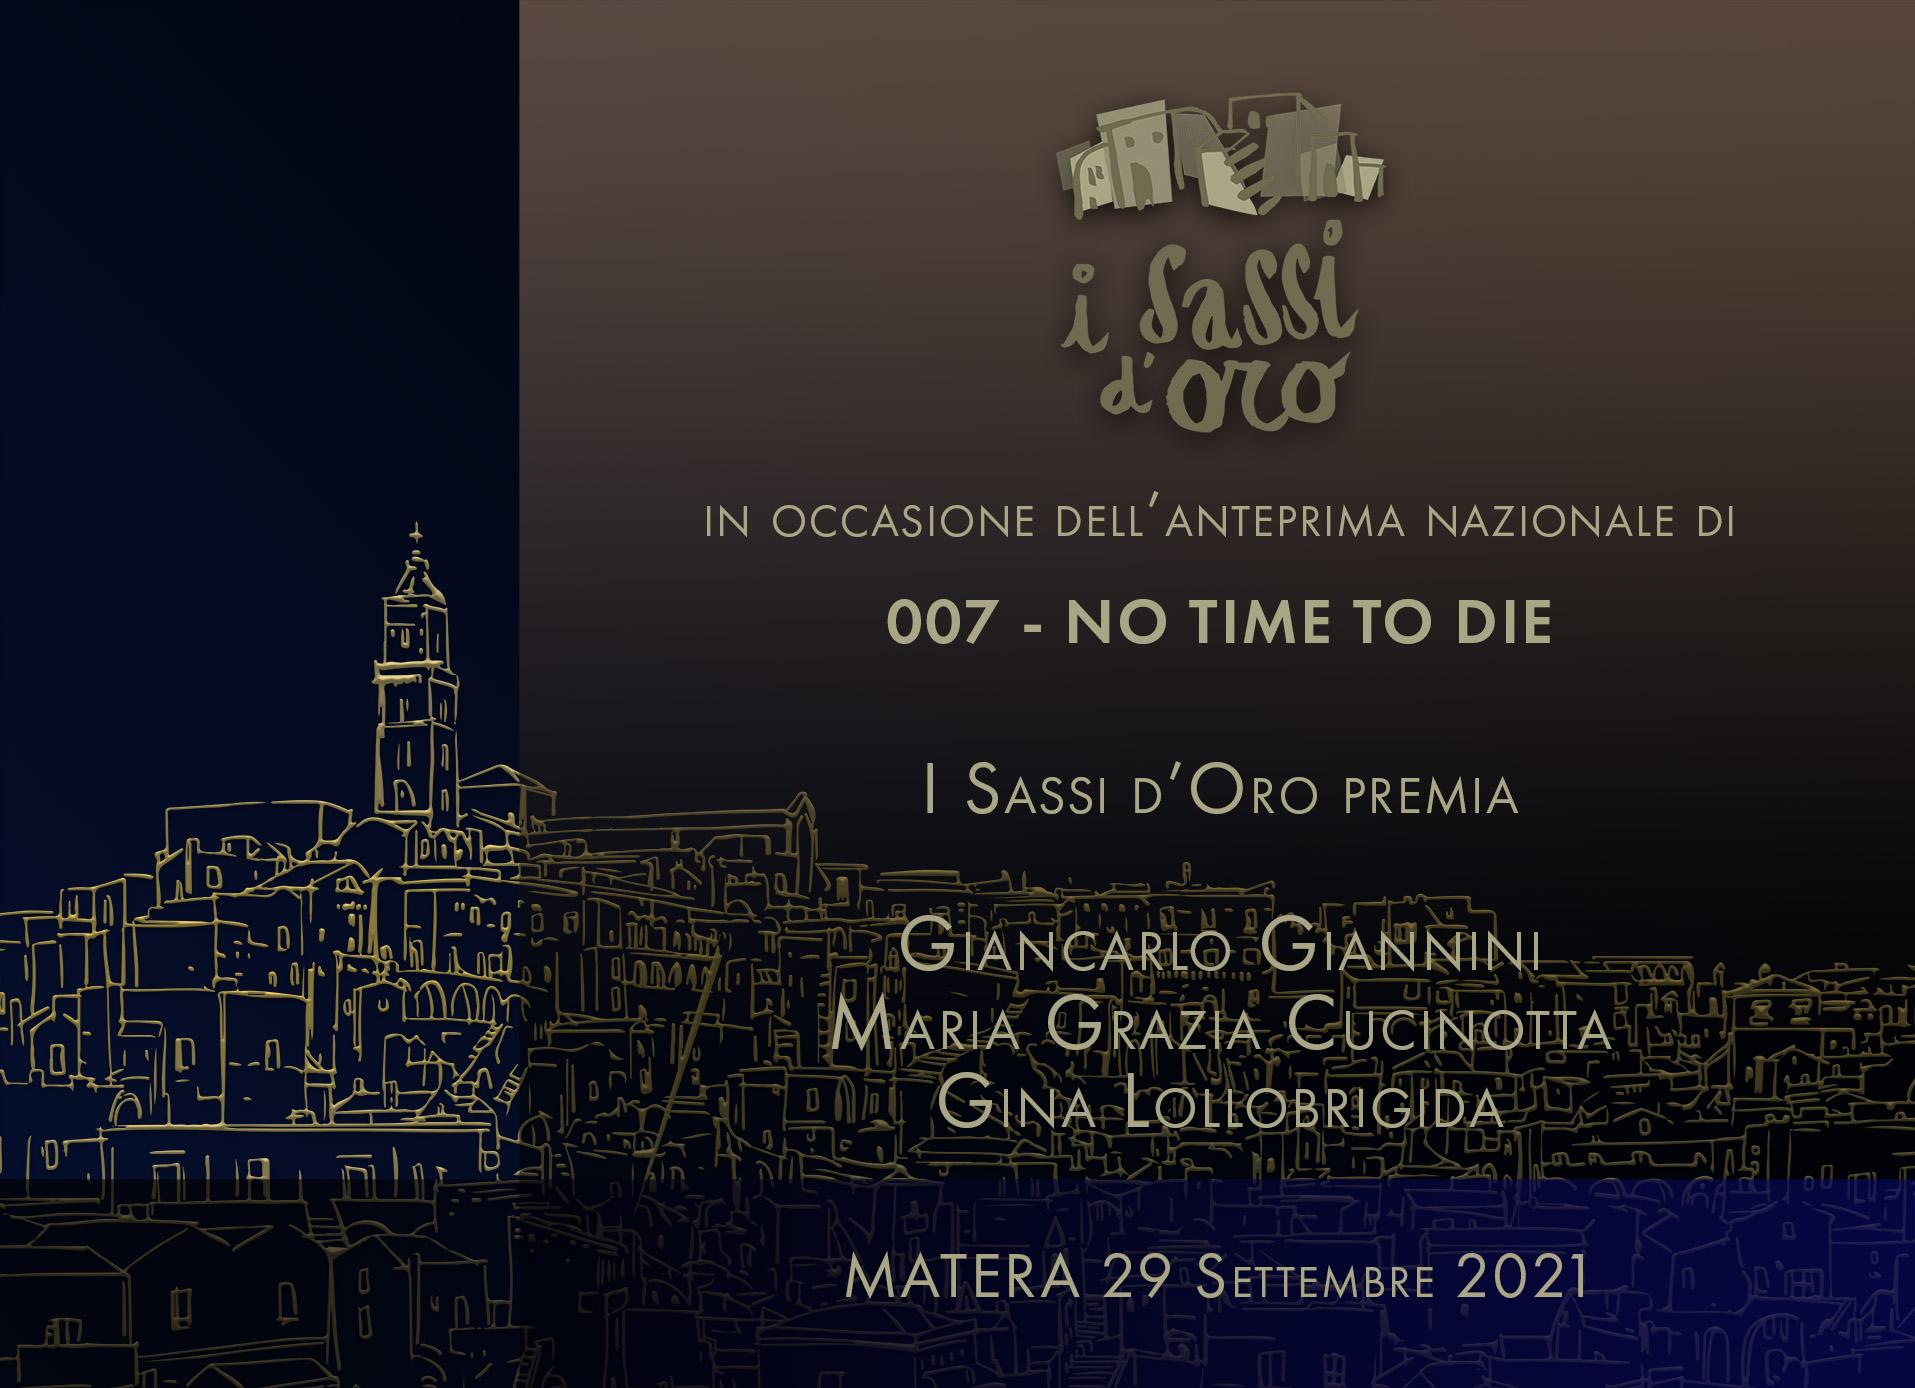 """""""I Sassi d'oro 2021"""": premi a Giancarlo Giannini, Maria Grazia Cucinotta e Gina Lollobrigida"""